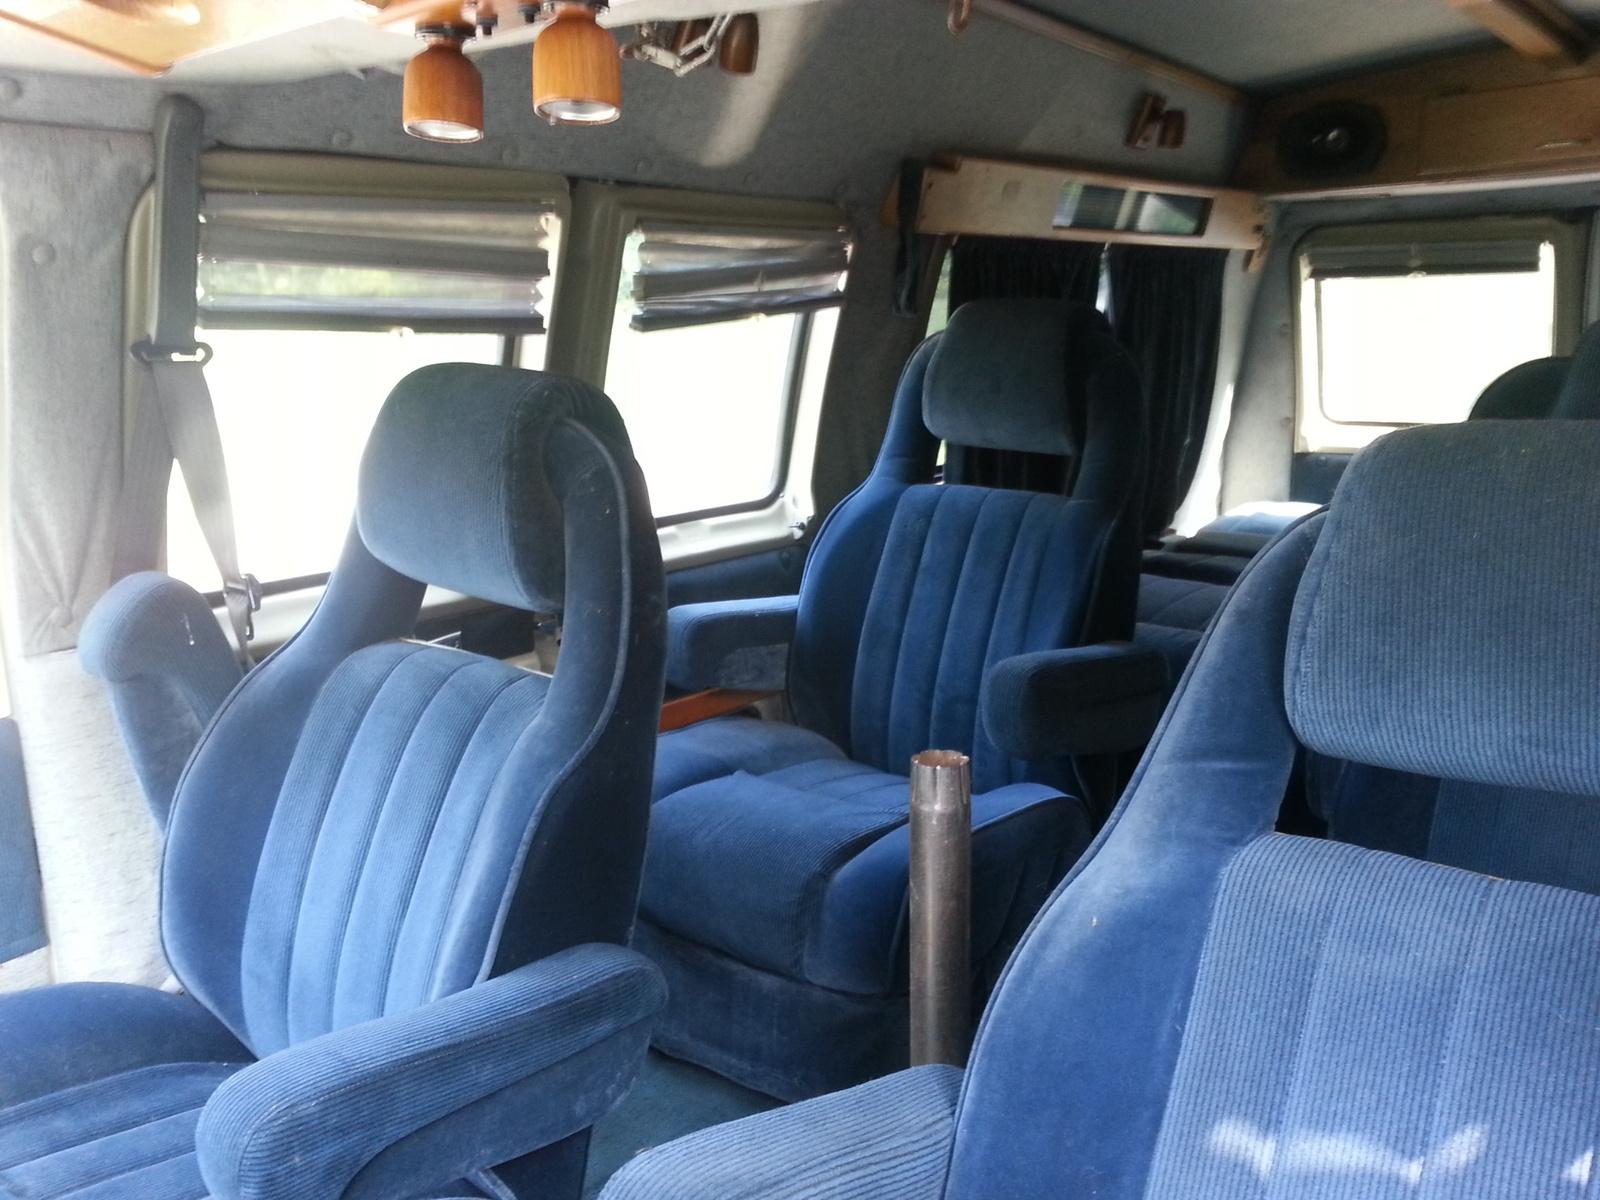 1988 ford e 150 interior pictures cargurus